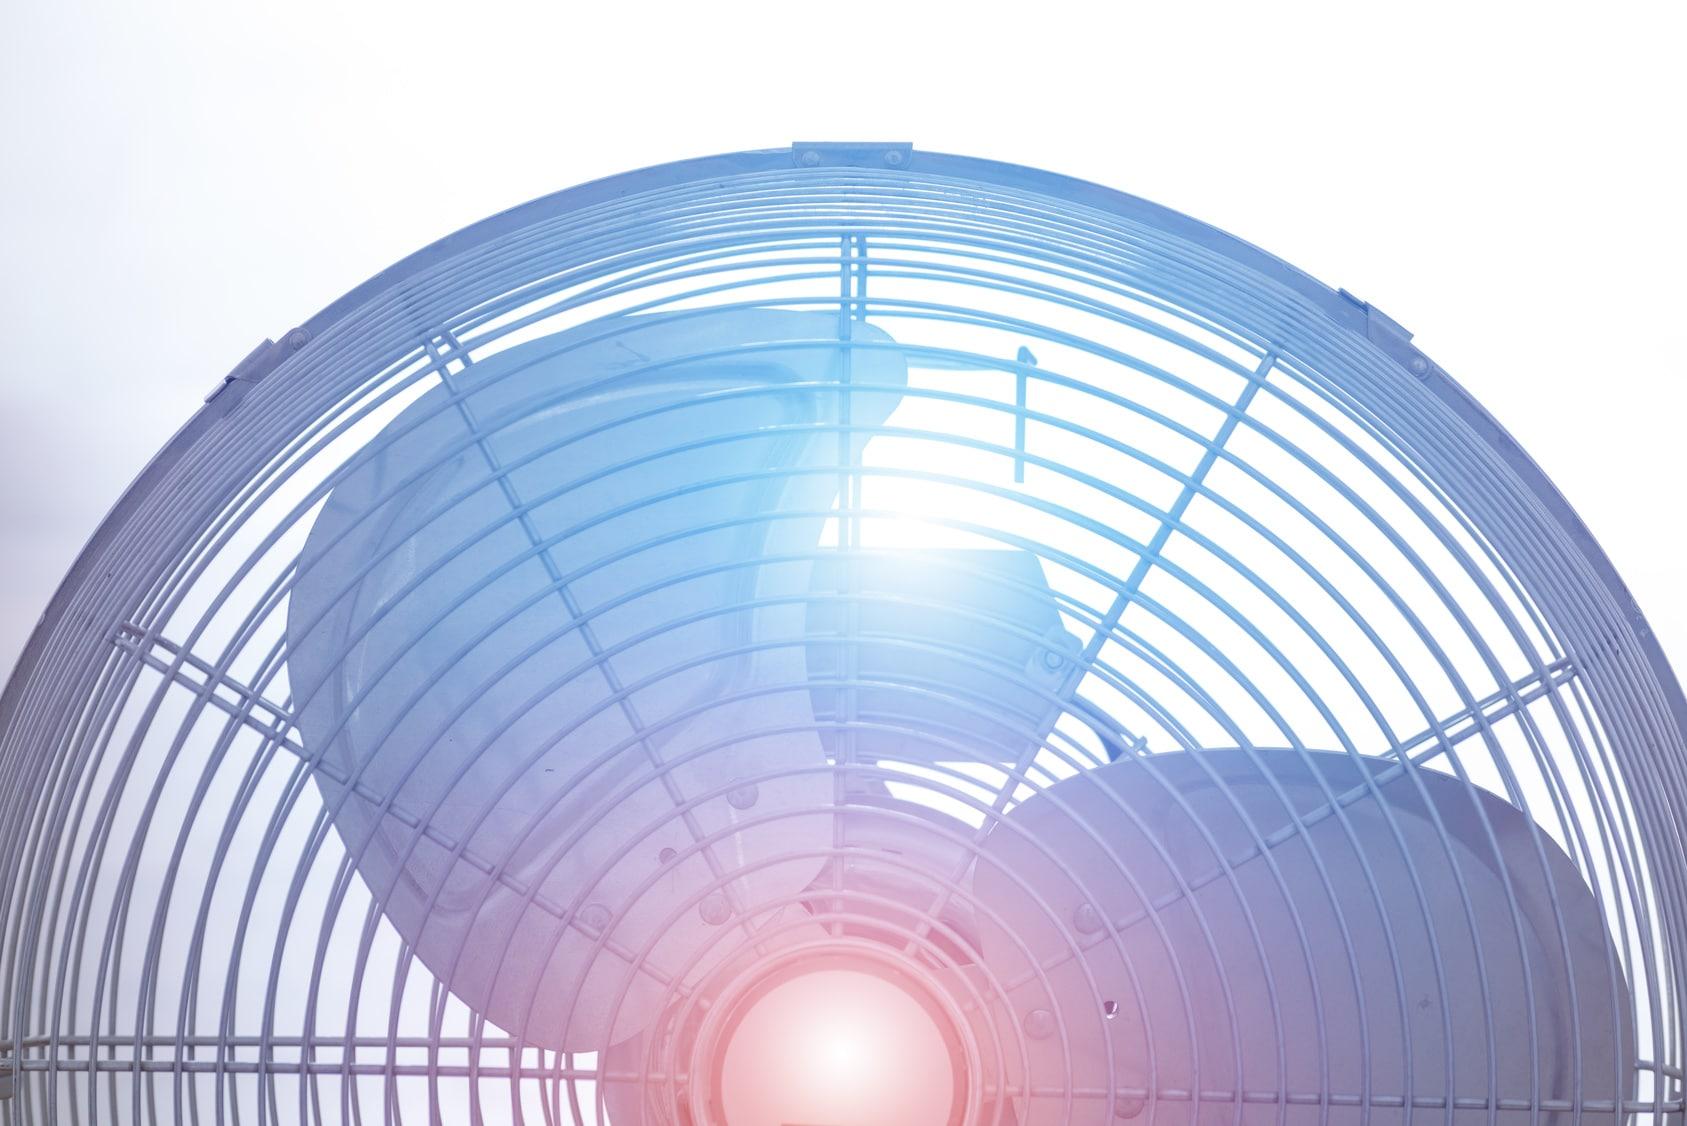 Comment Ventiler Un Garage Humide quelle ventilation dans une maison à rénover ? - illico travaux